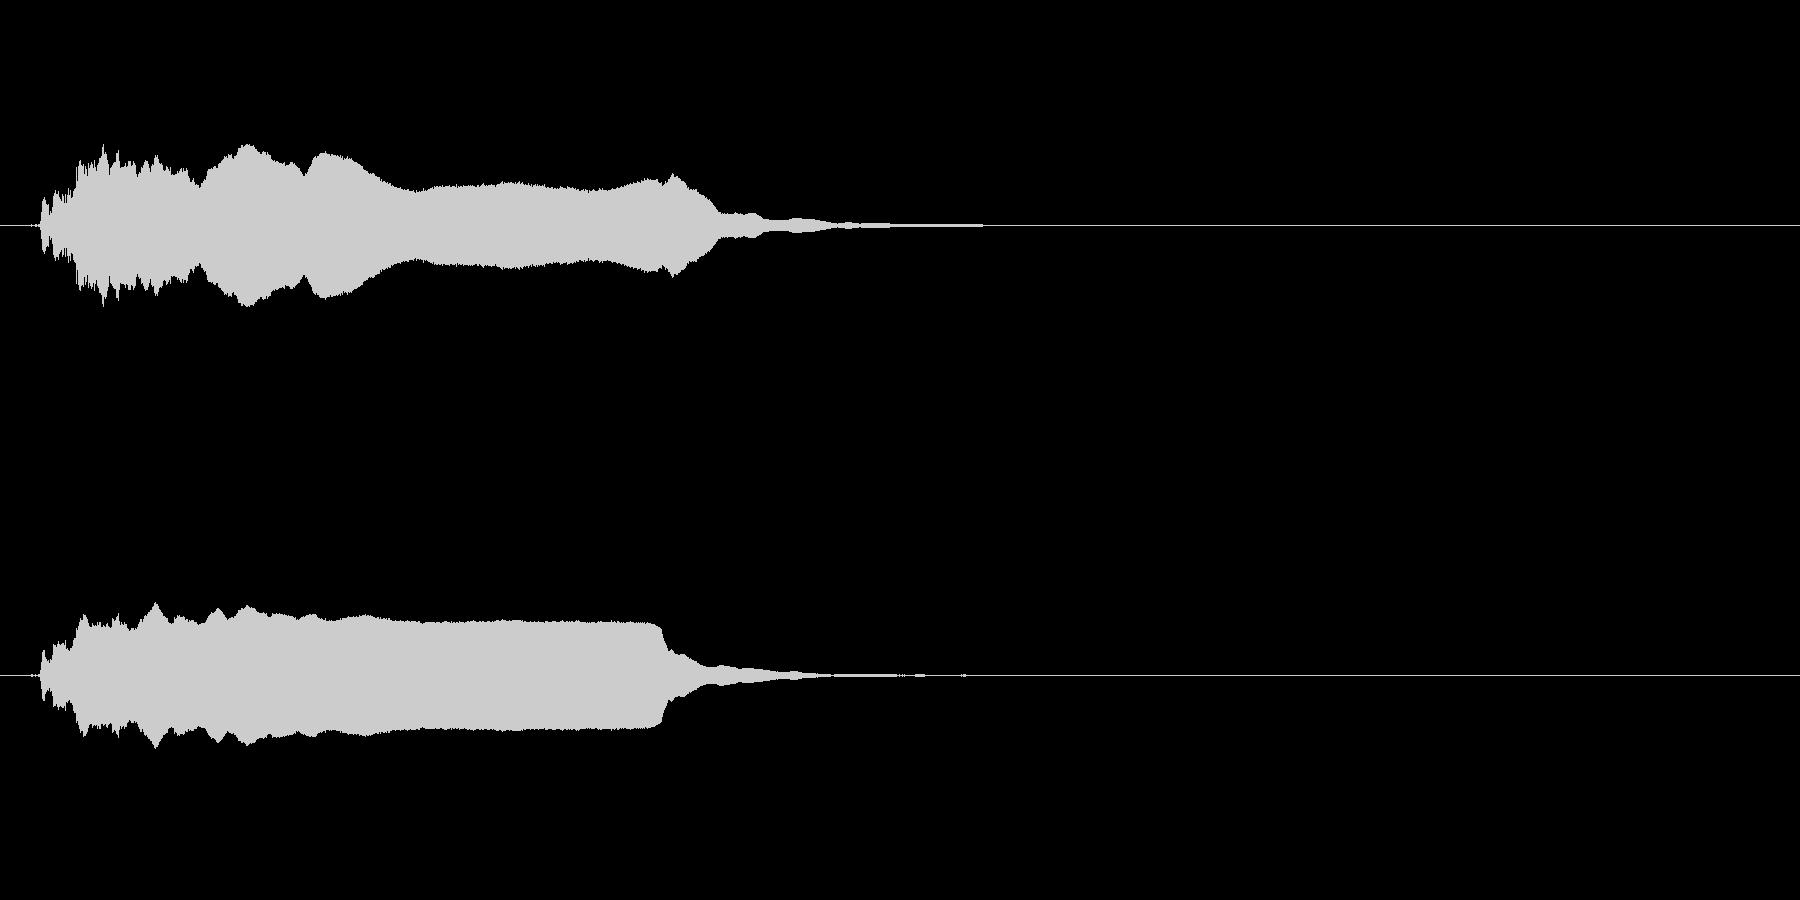 インテリア:シングルブラスト、ロン...の未再生の波形